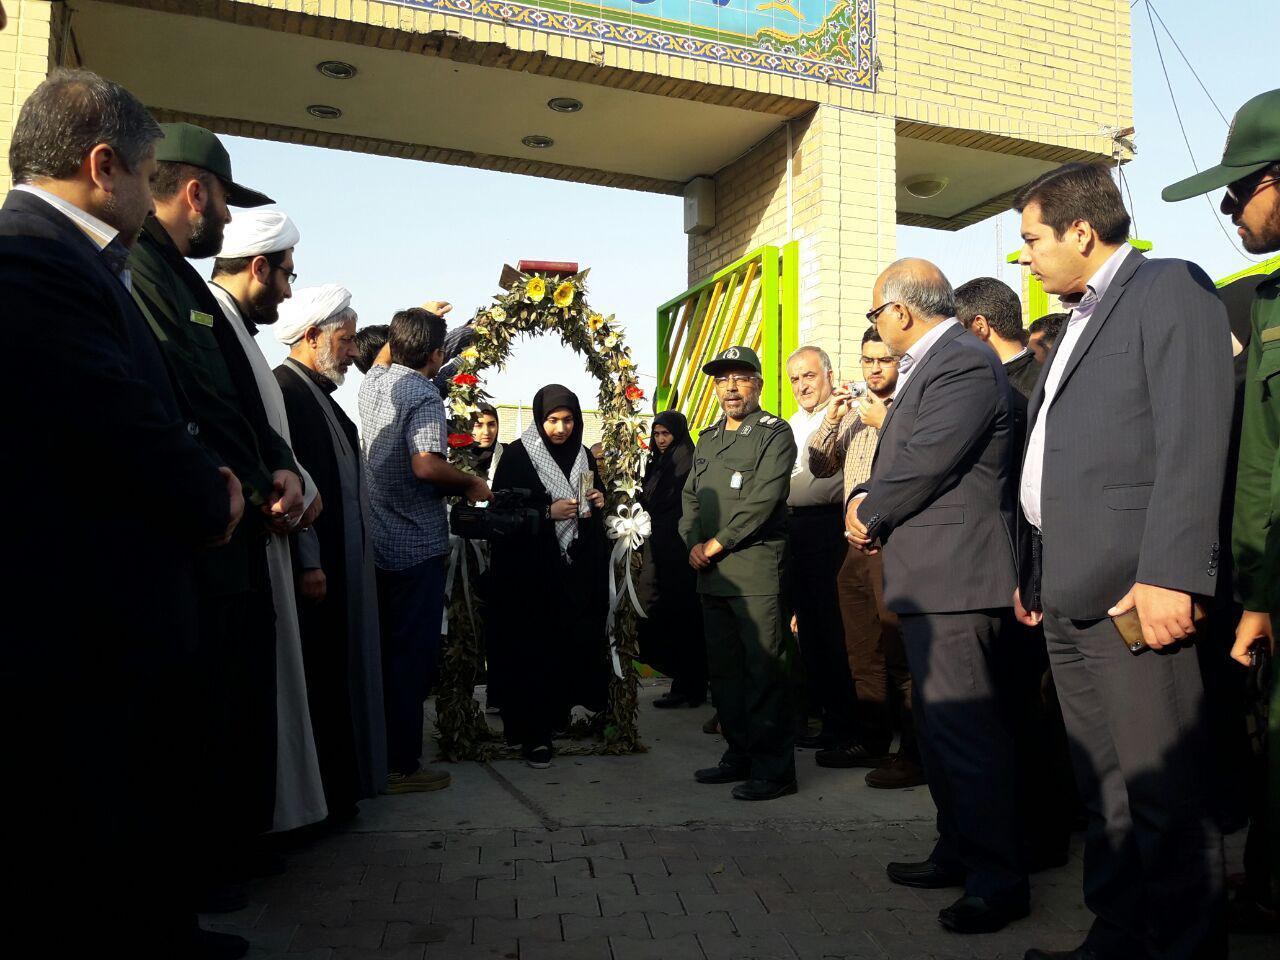 اعزام دختران دبیرستانی گرگان به مناطق عملیاتی غرب کشور5